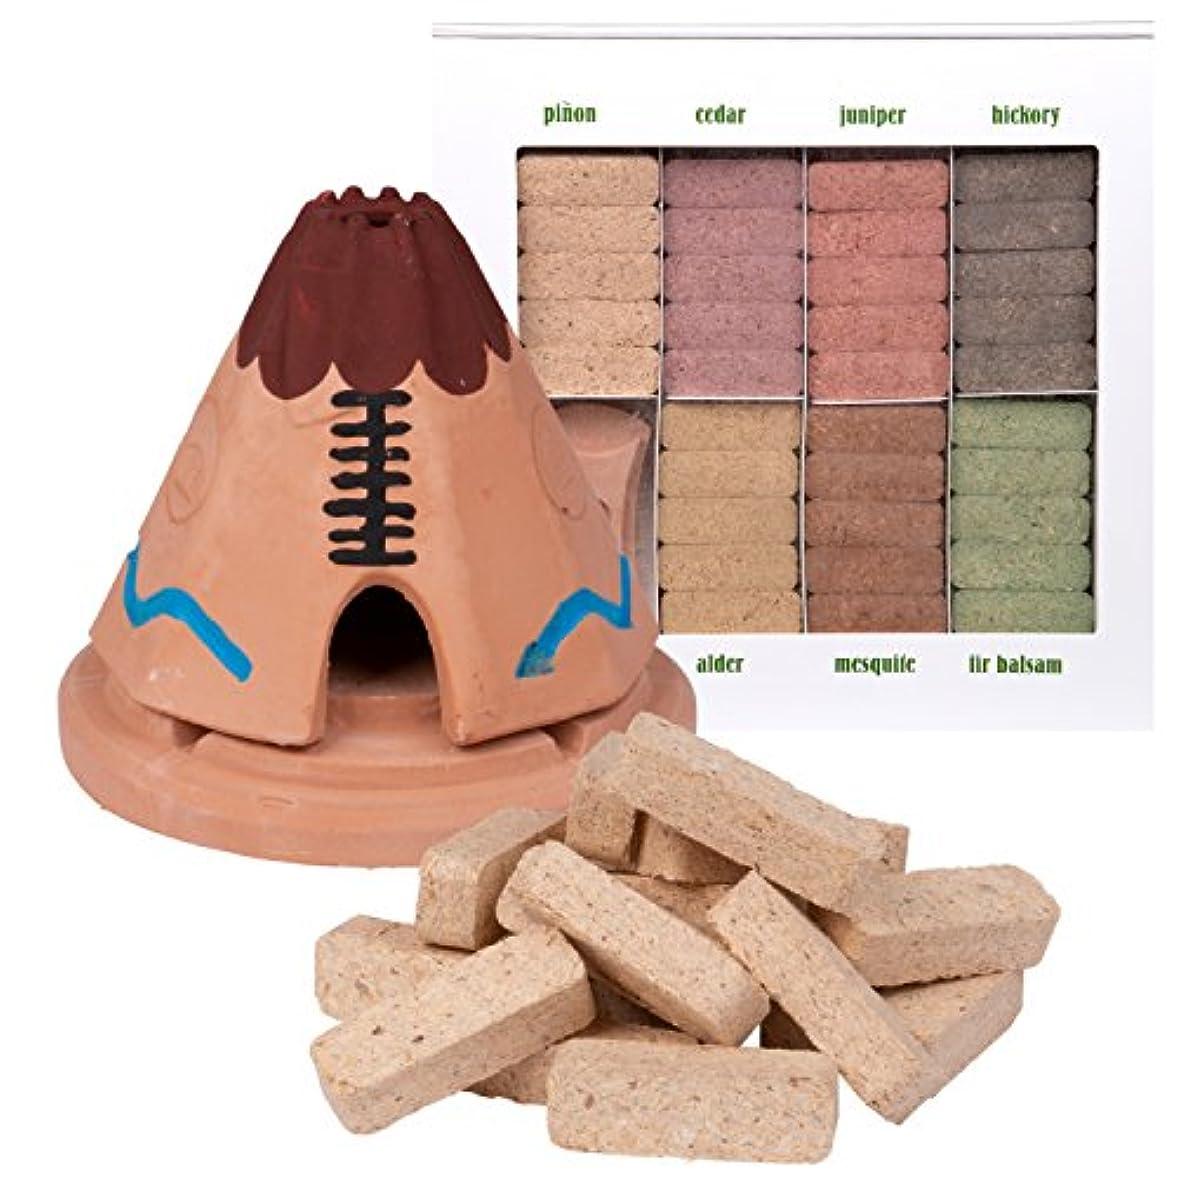 引き渡す平和的アパルIncienso de Santa Fe Teepee Burner With松の天然木製お香と7香りSampler – Made in the US